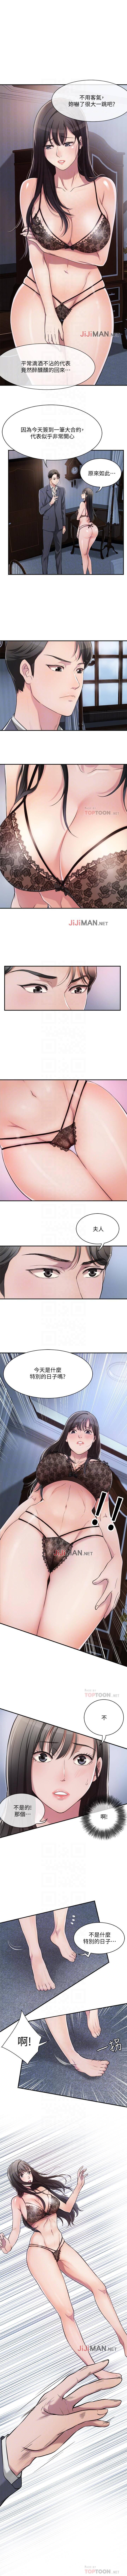 【周四连载】抑慾人妻(作者:月兔&李萬) 第1~22话 11